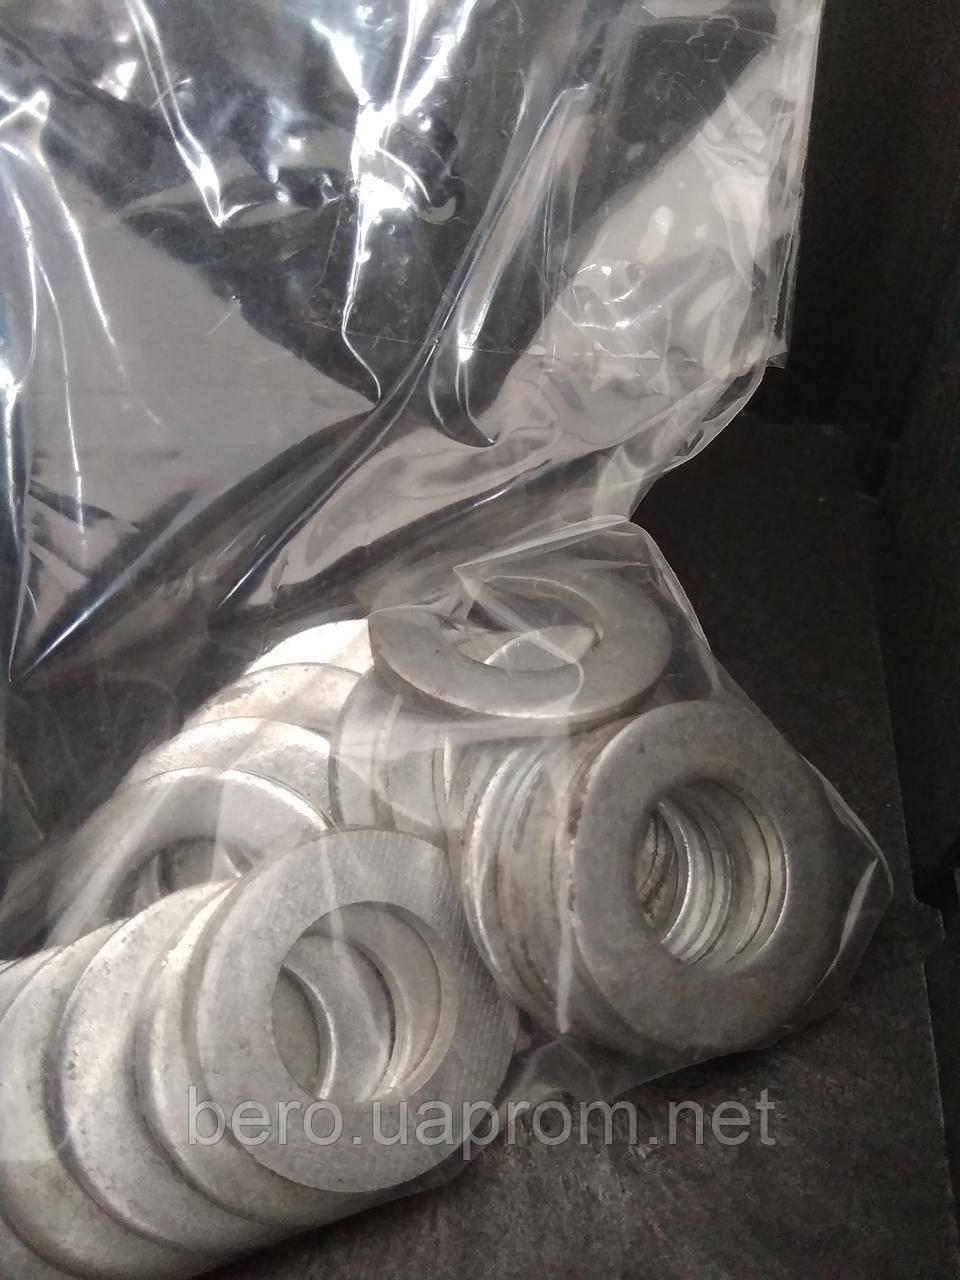 Шайба пласка, DIN 125, оцинкована, М14